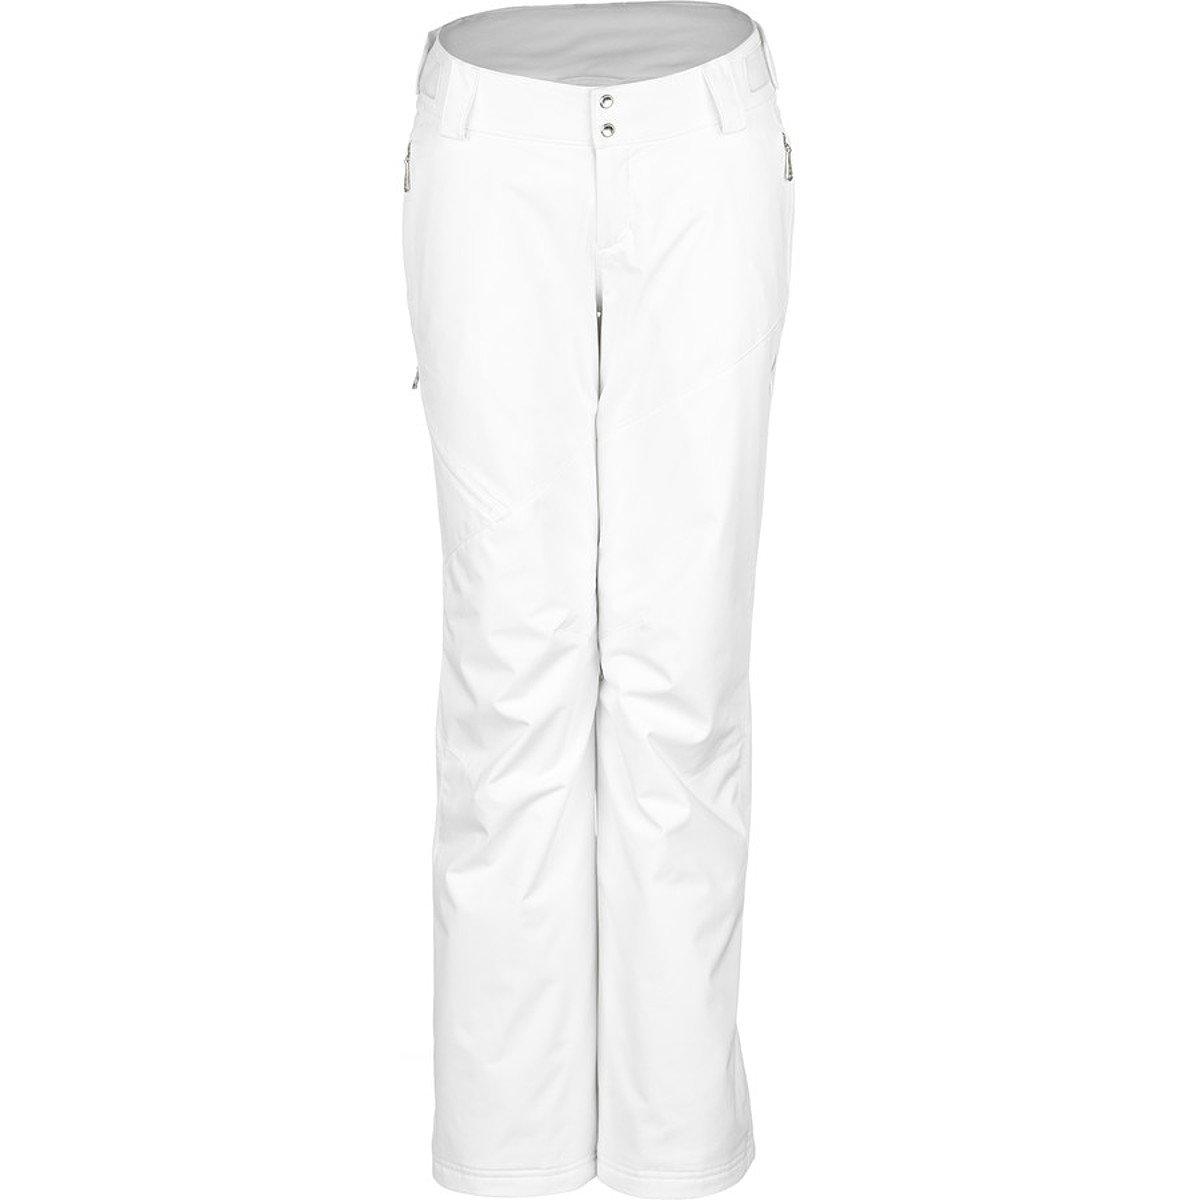 White 16Small Spyder Traveler Pant